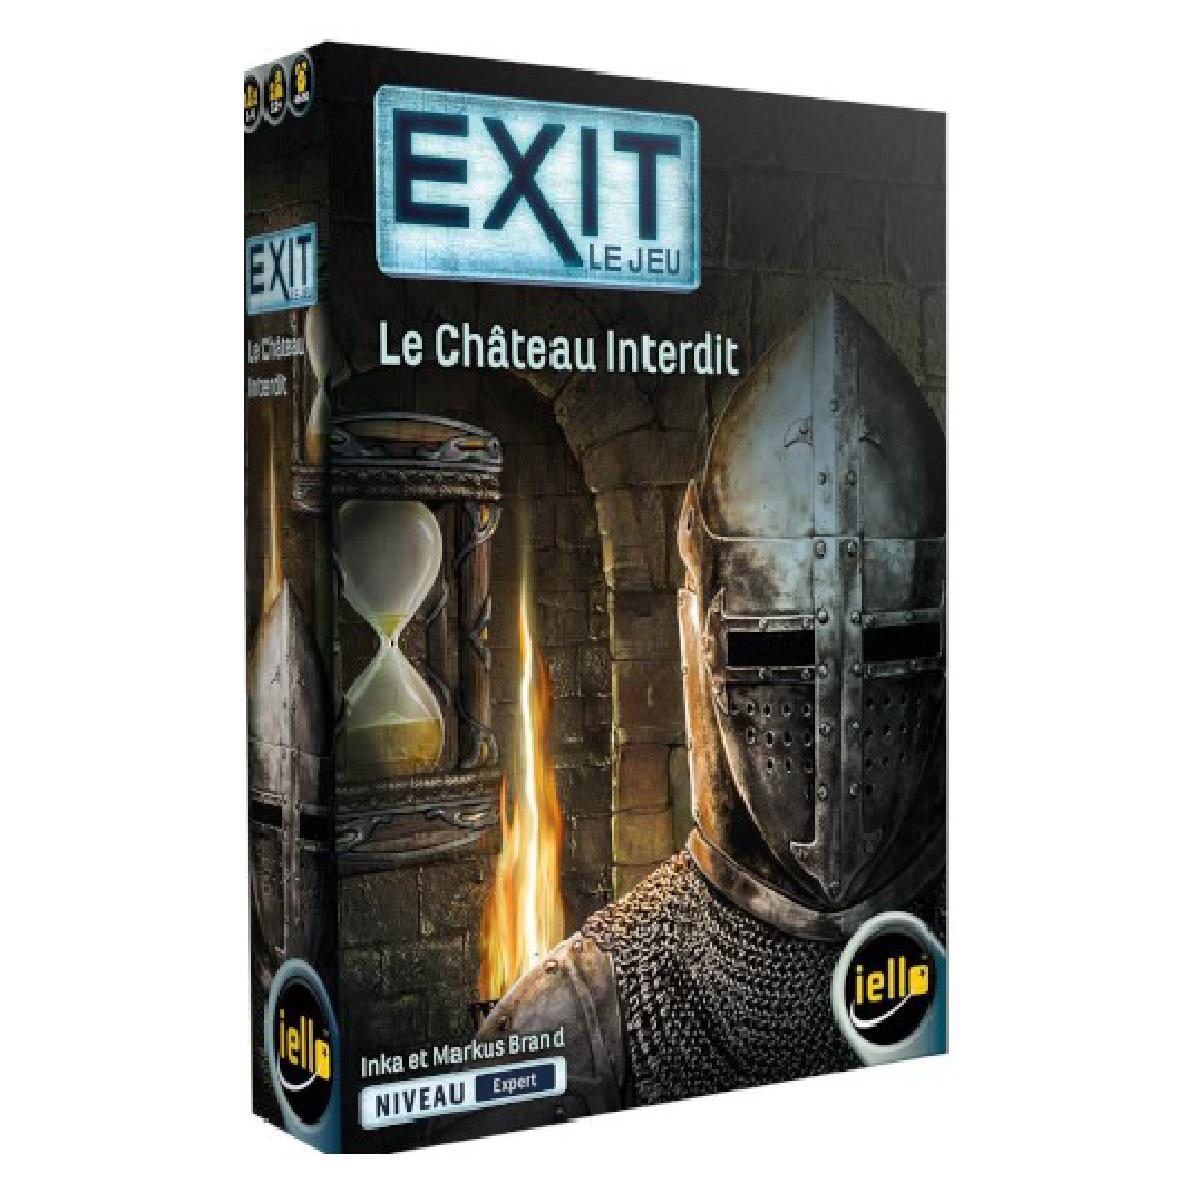 Exit - Le Château Interdit | 19,99$